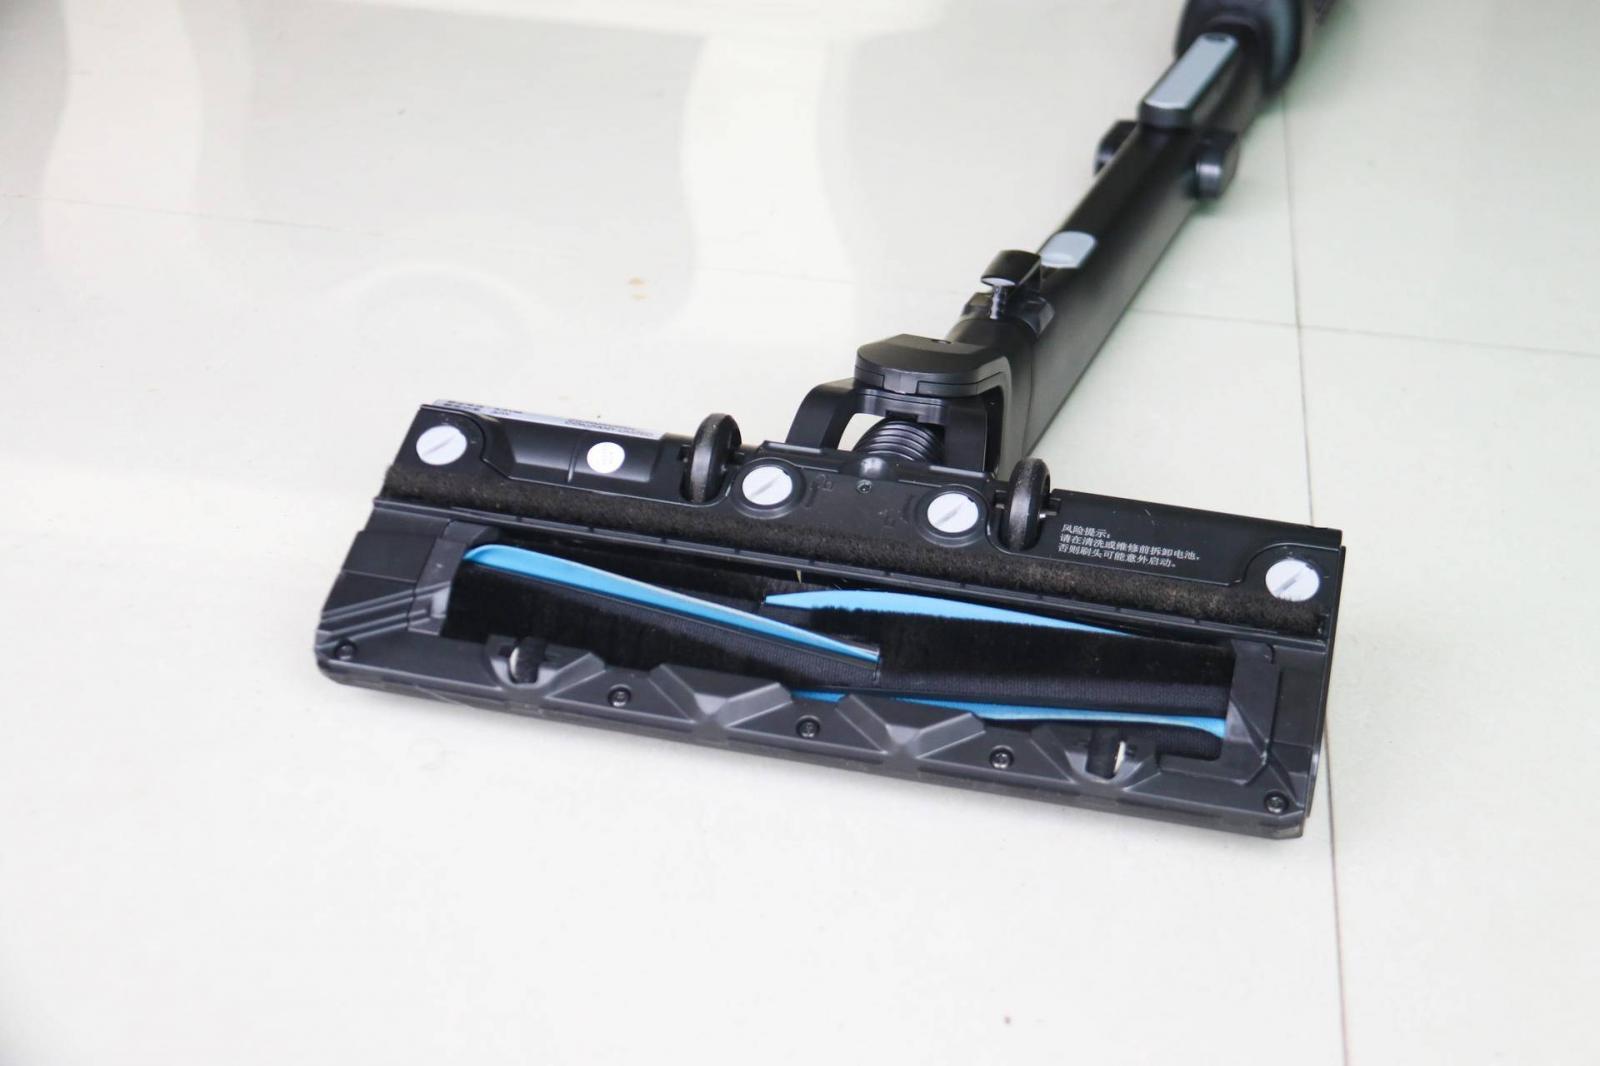 Shark吸尘器L3抢鲜体验:无线轻盈超乎想象,使用更方便